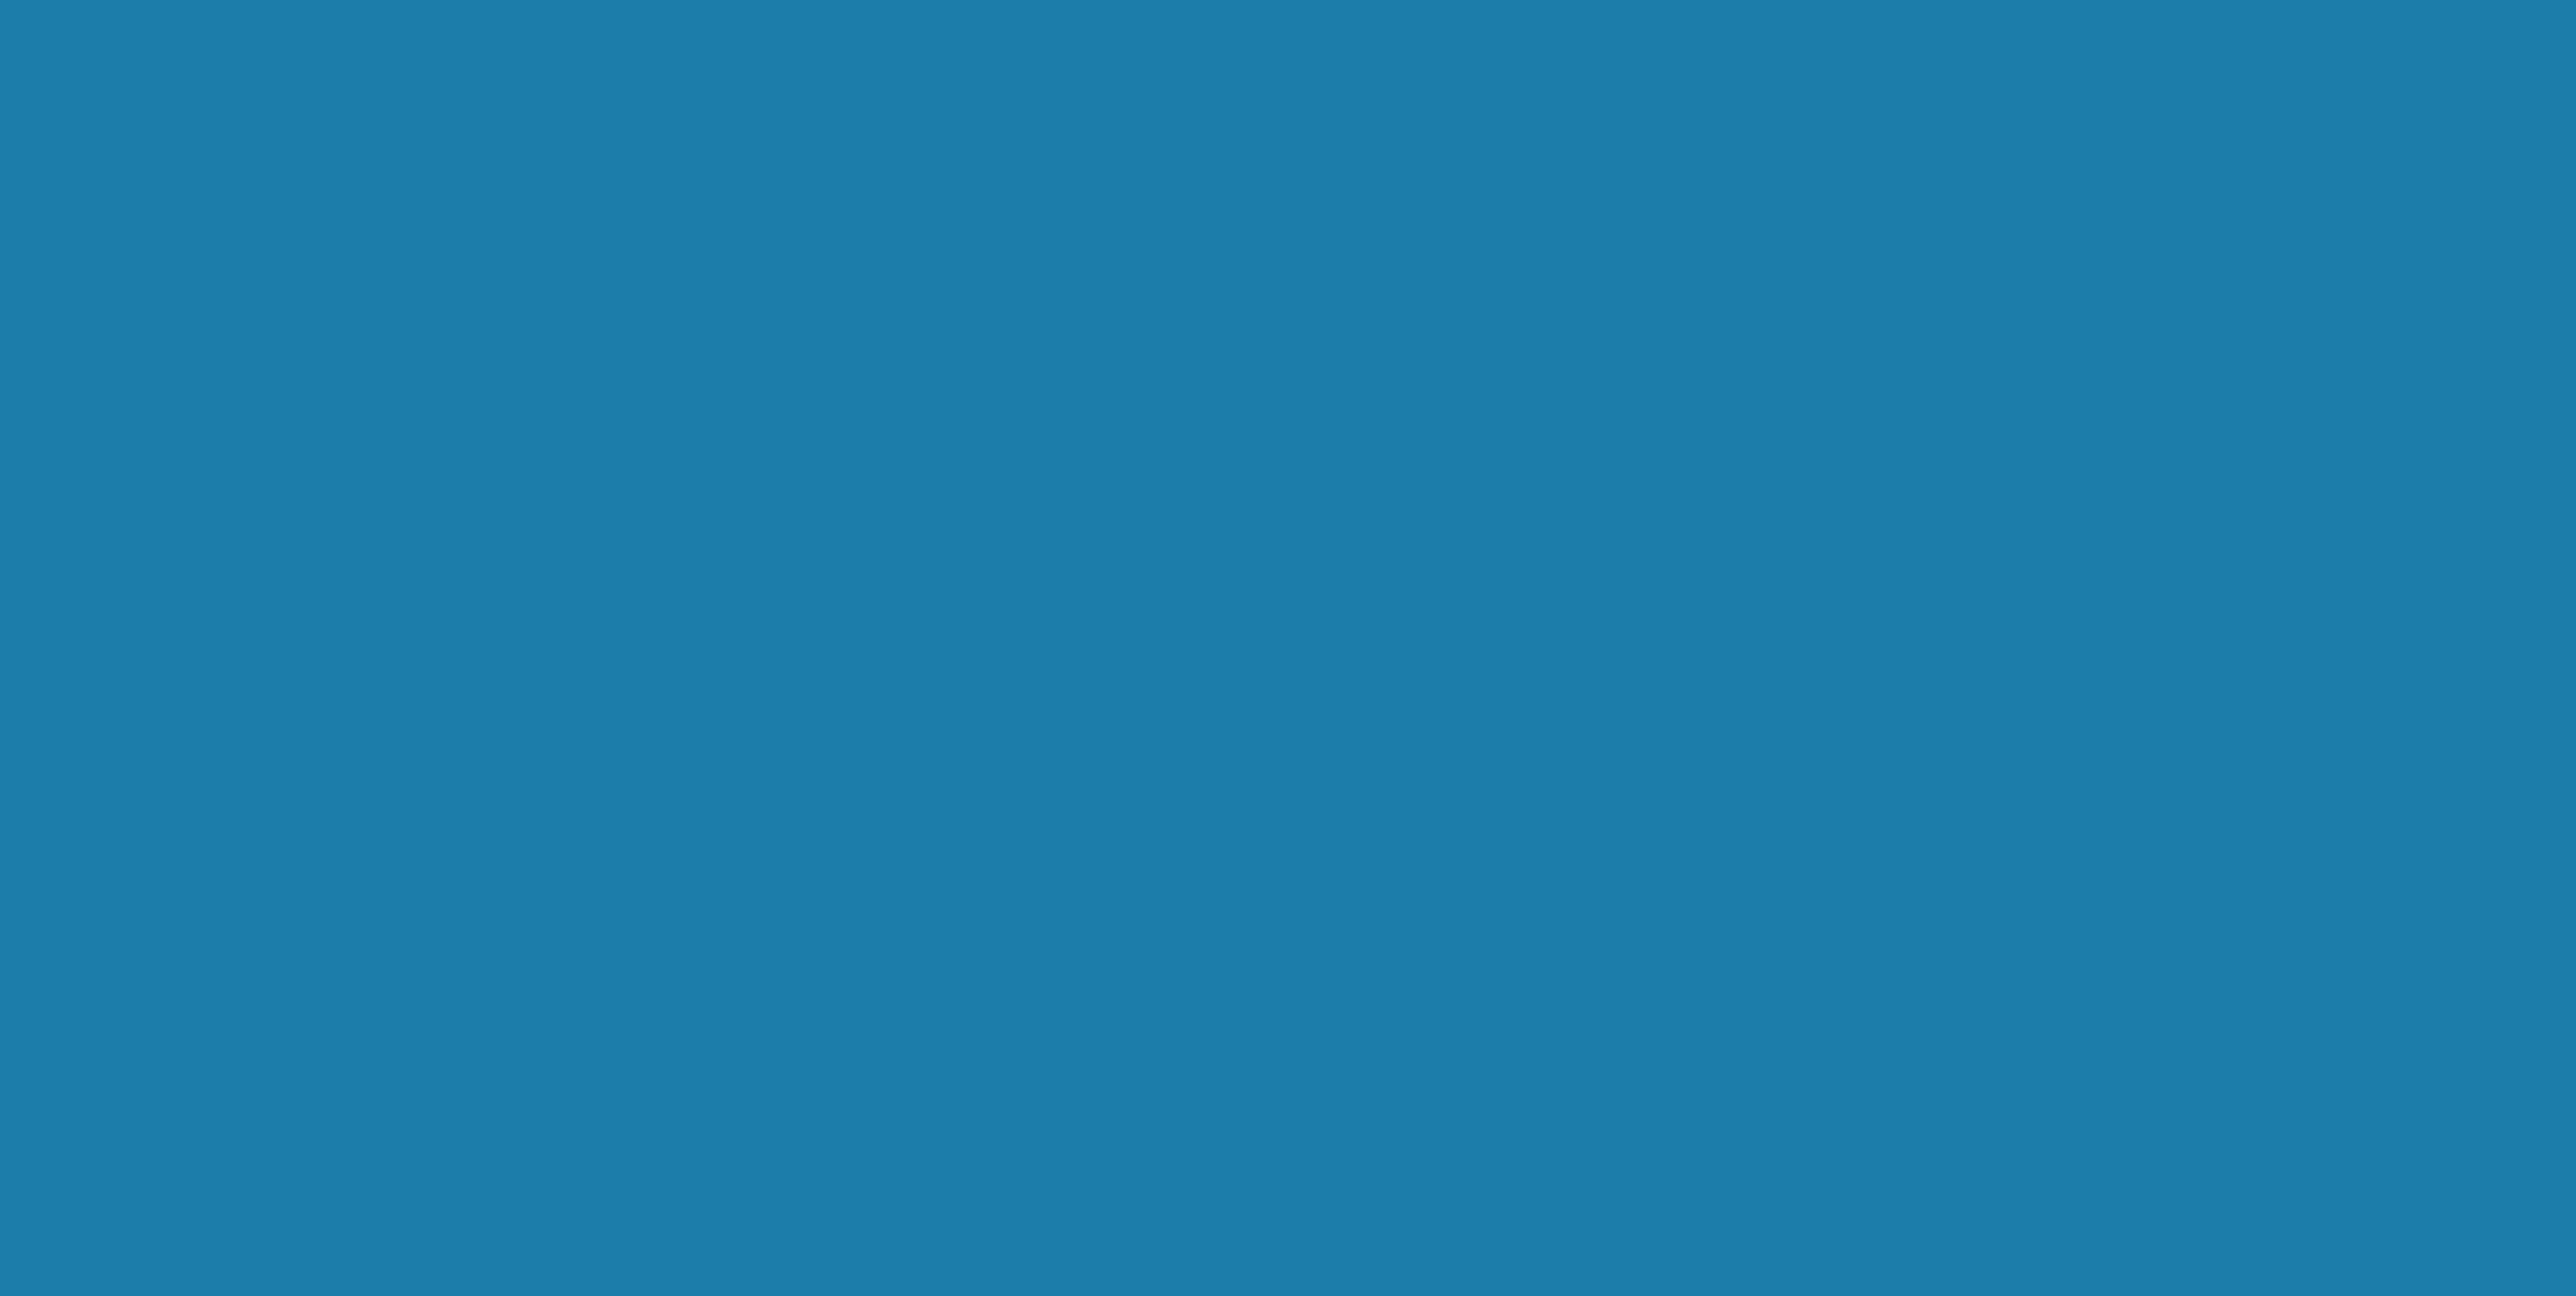 Azure Living Logo